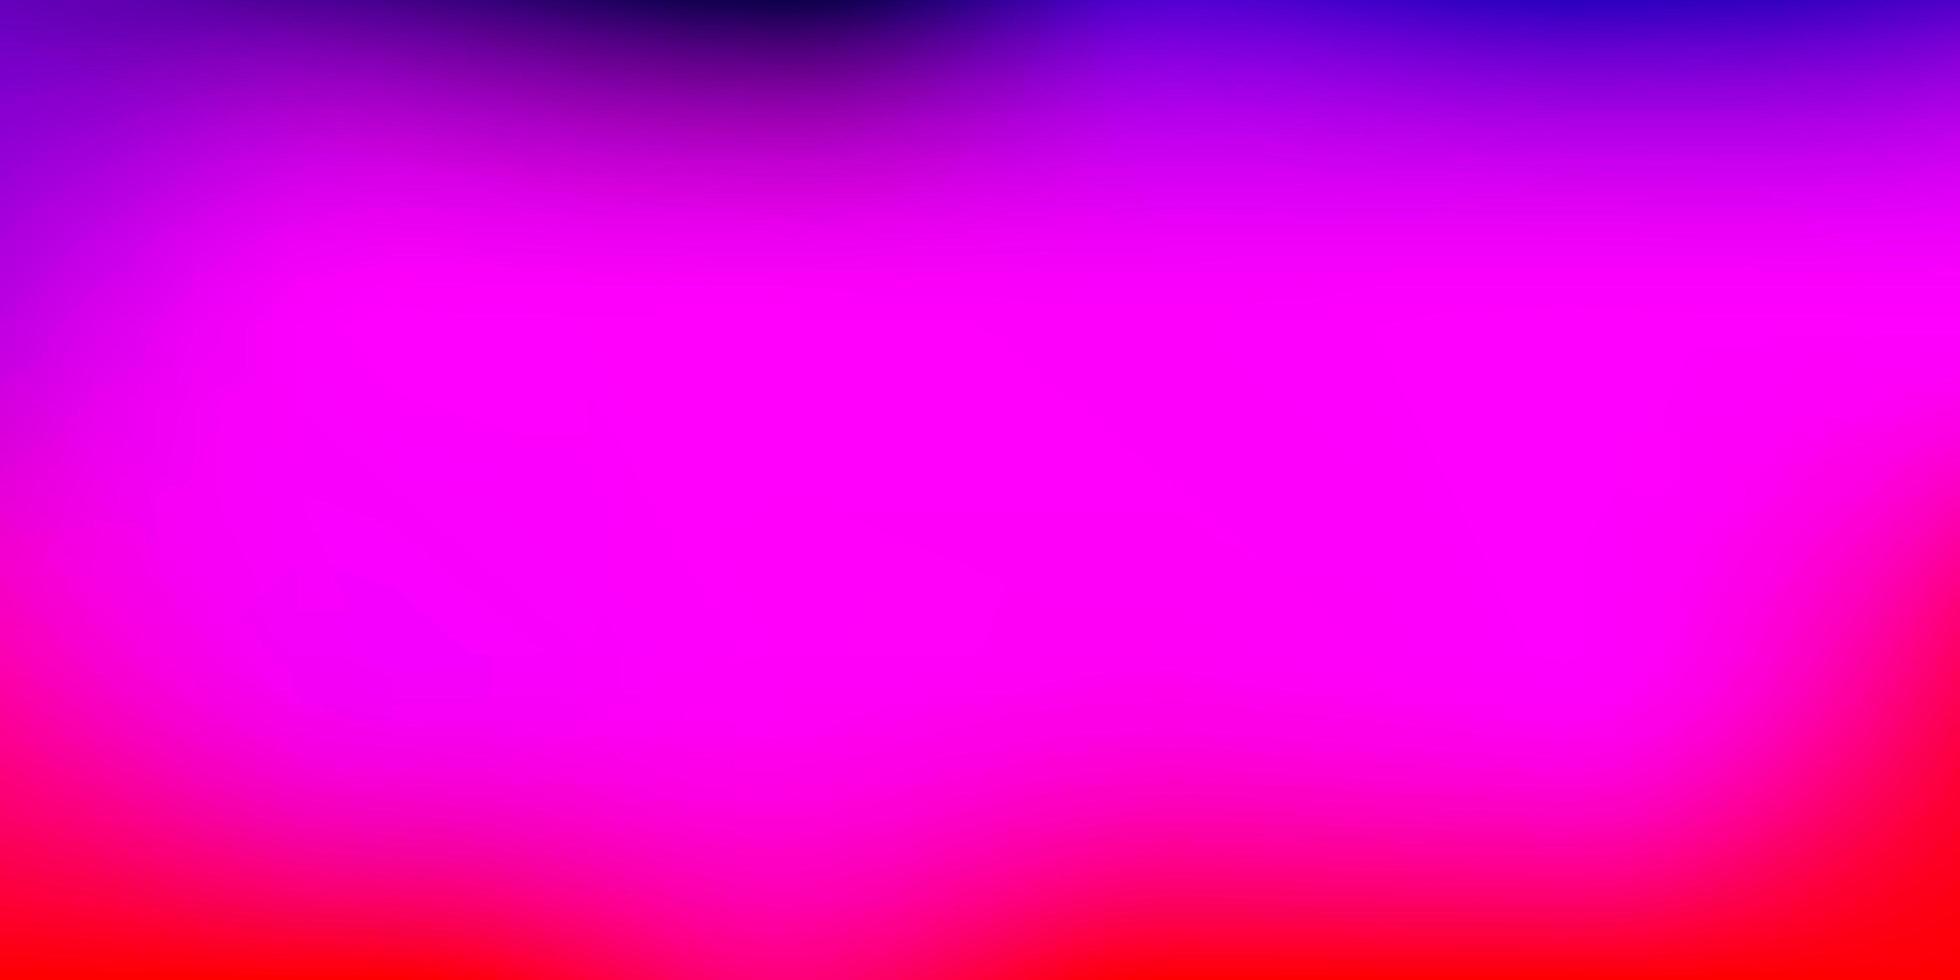 layout di sfocatura gradiente vettoriale viola chiaro, rosa.